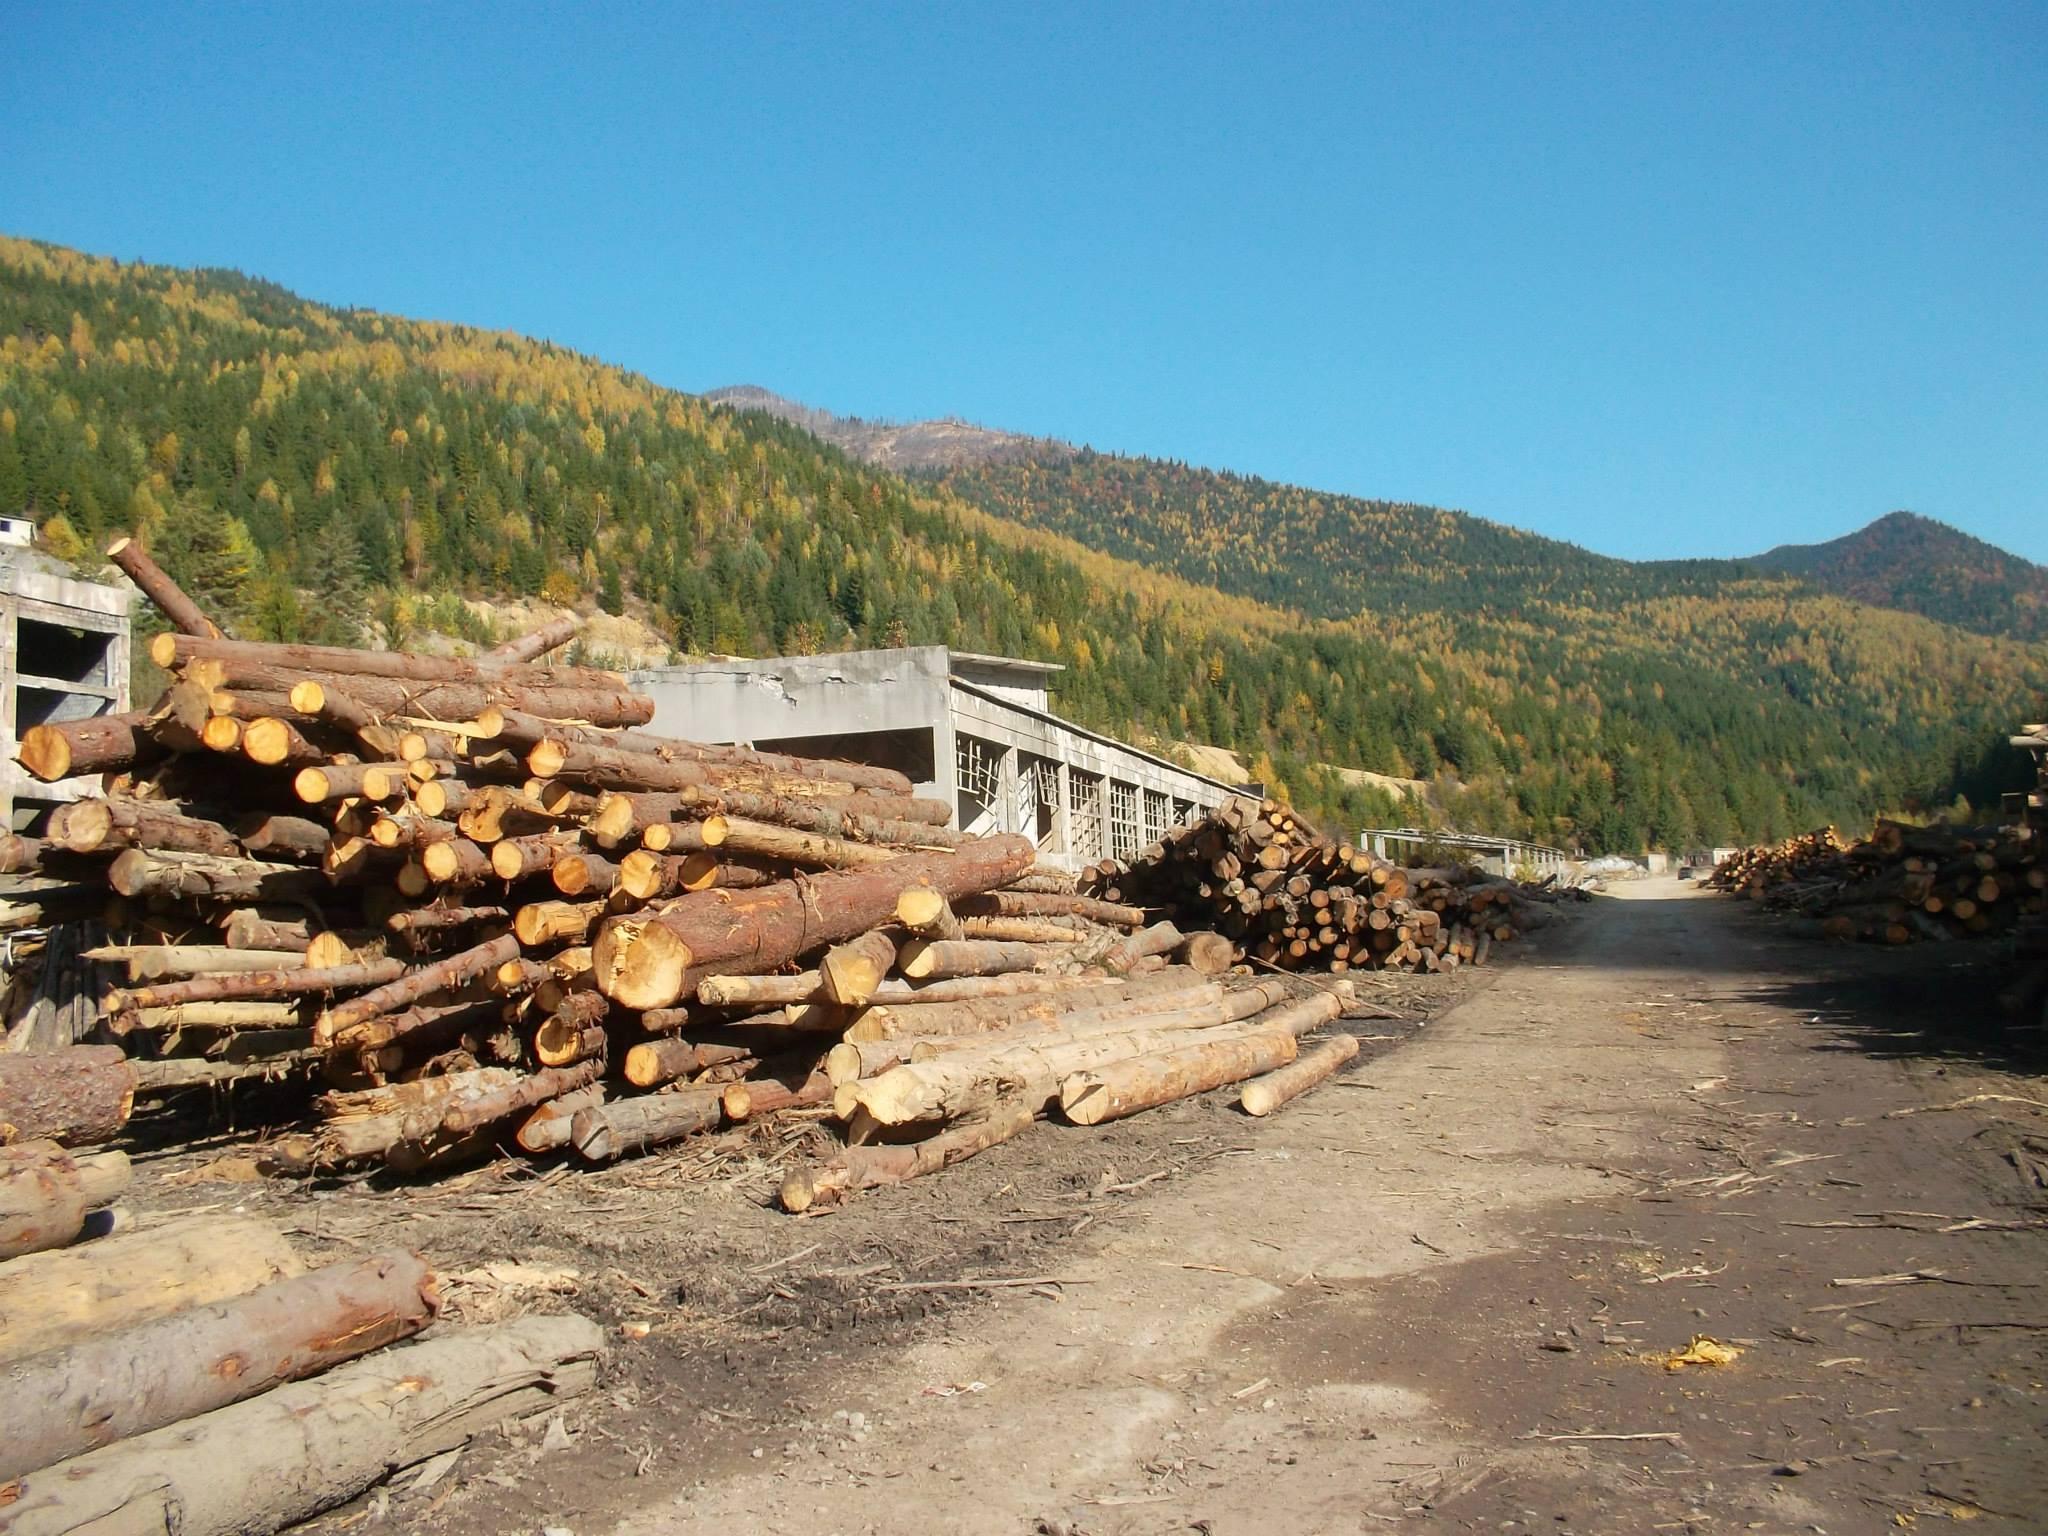 Credeți că se taie păduri ilegal în Maramureș? Cel mai interesant comentariu primește o pizza